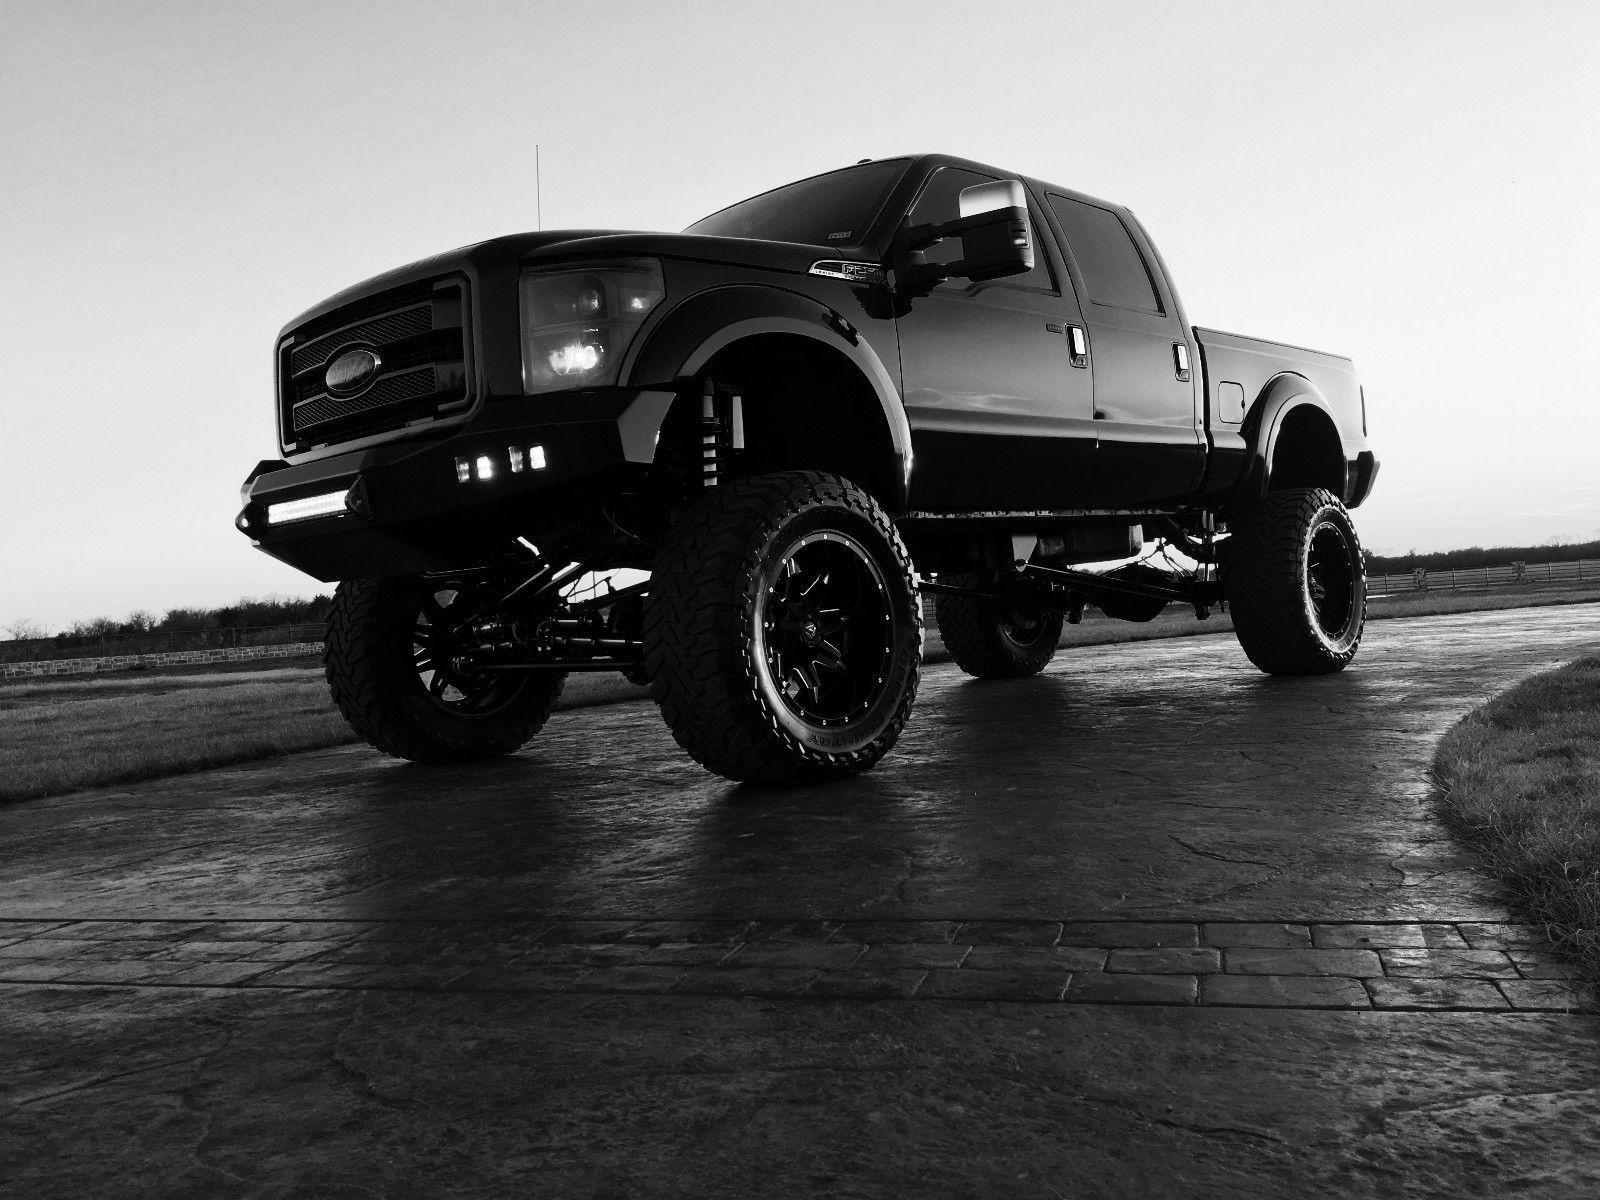 2015 custom ford f 250 4x4 monster truck monster trucks for sale